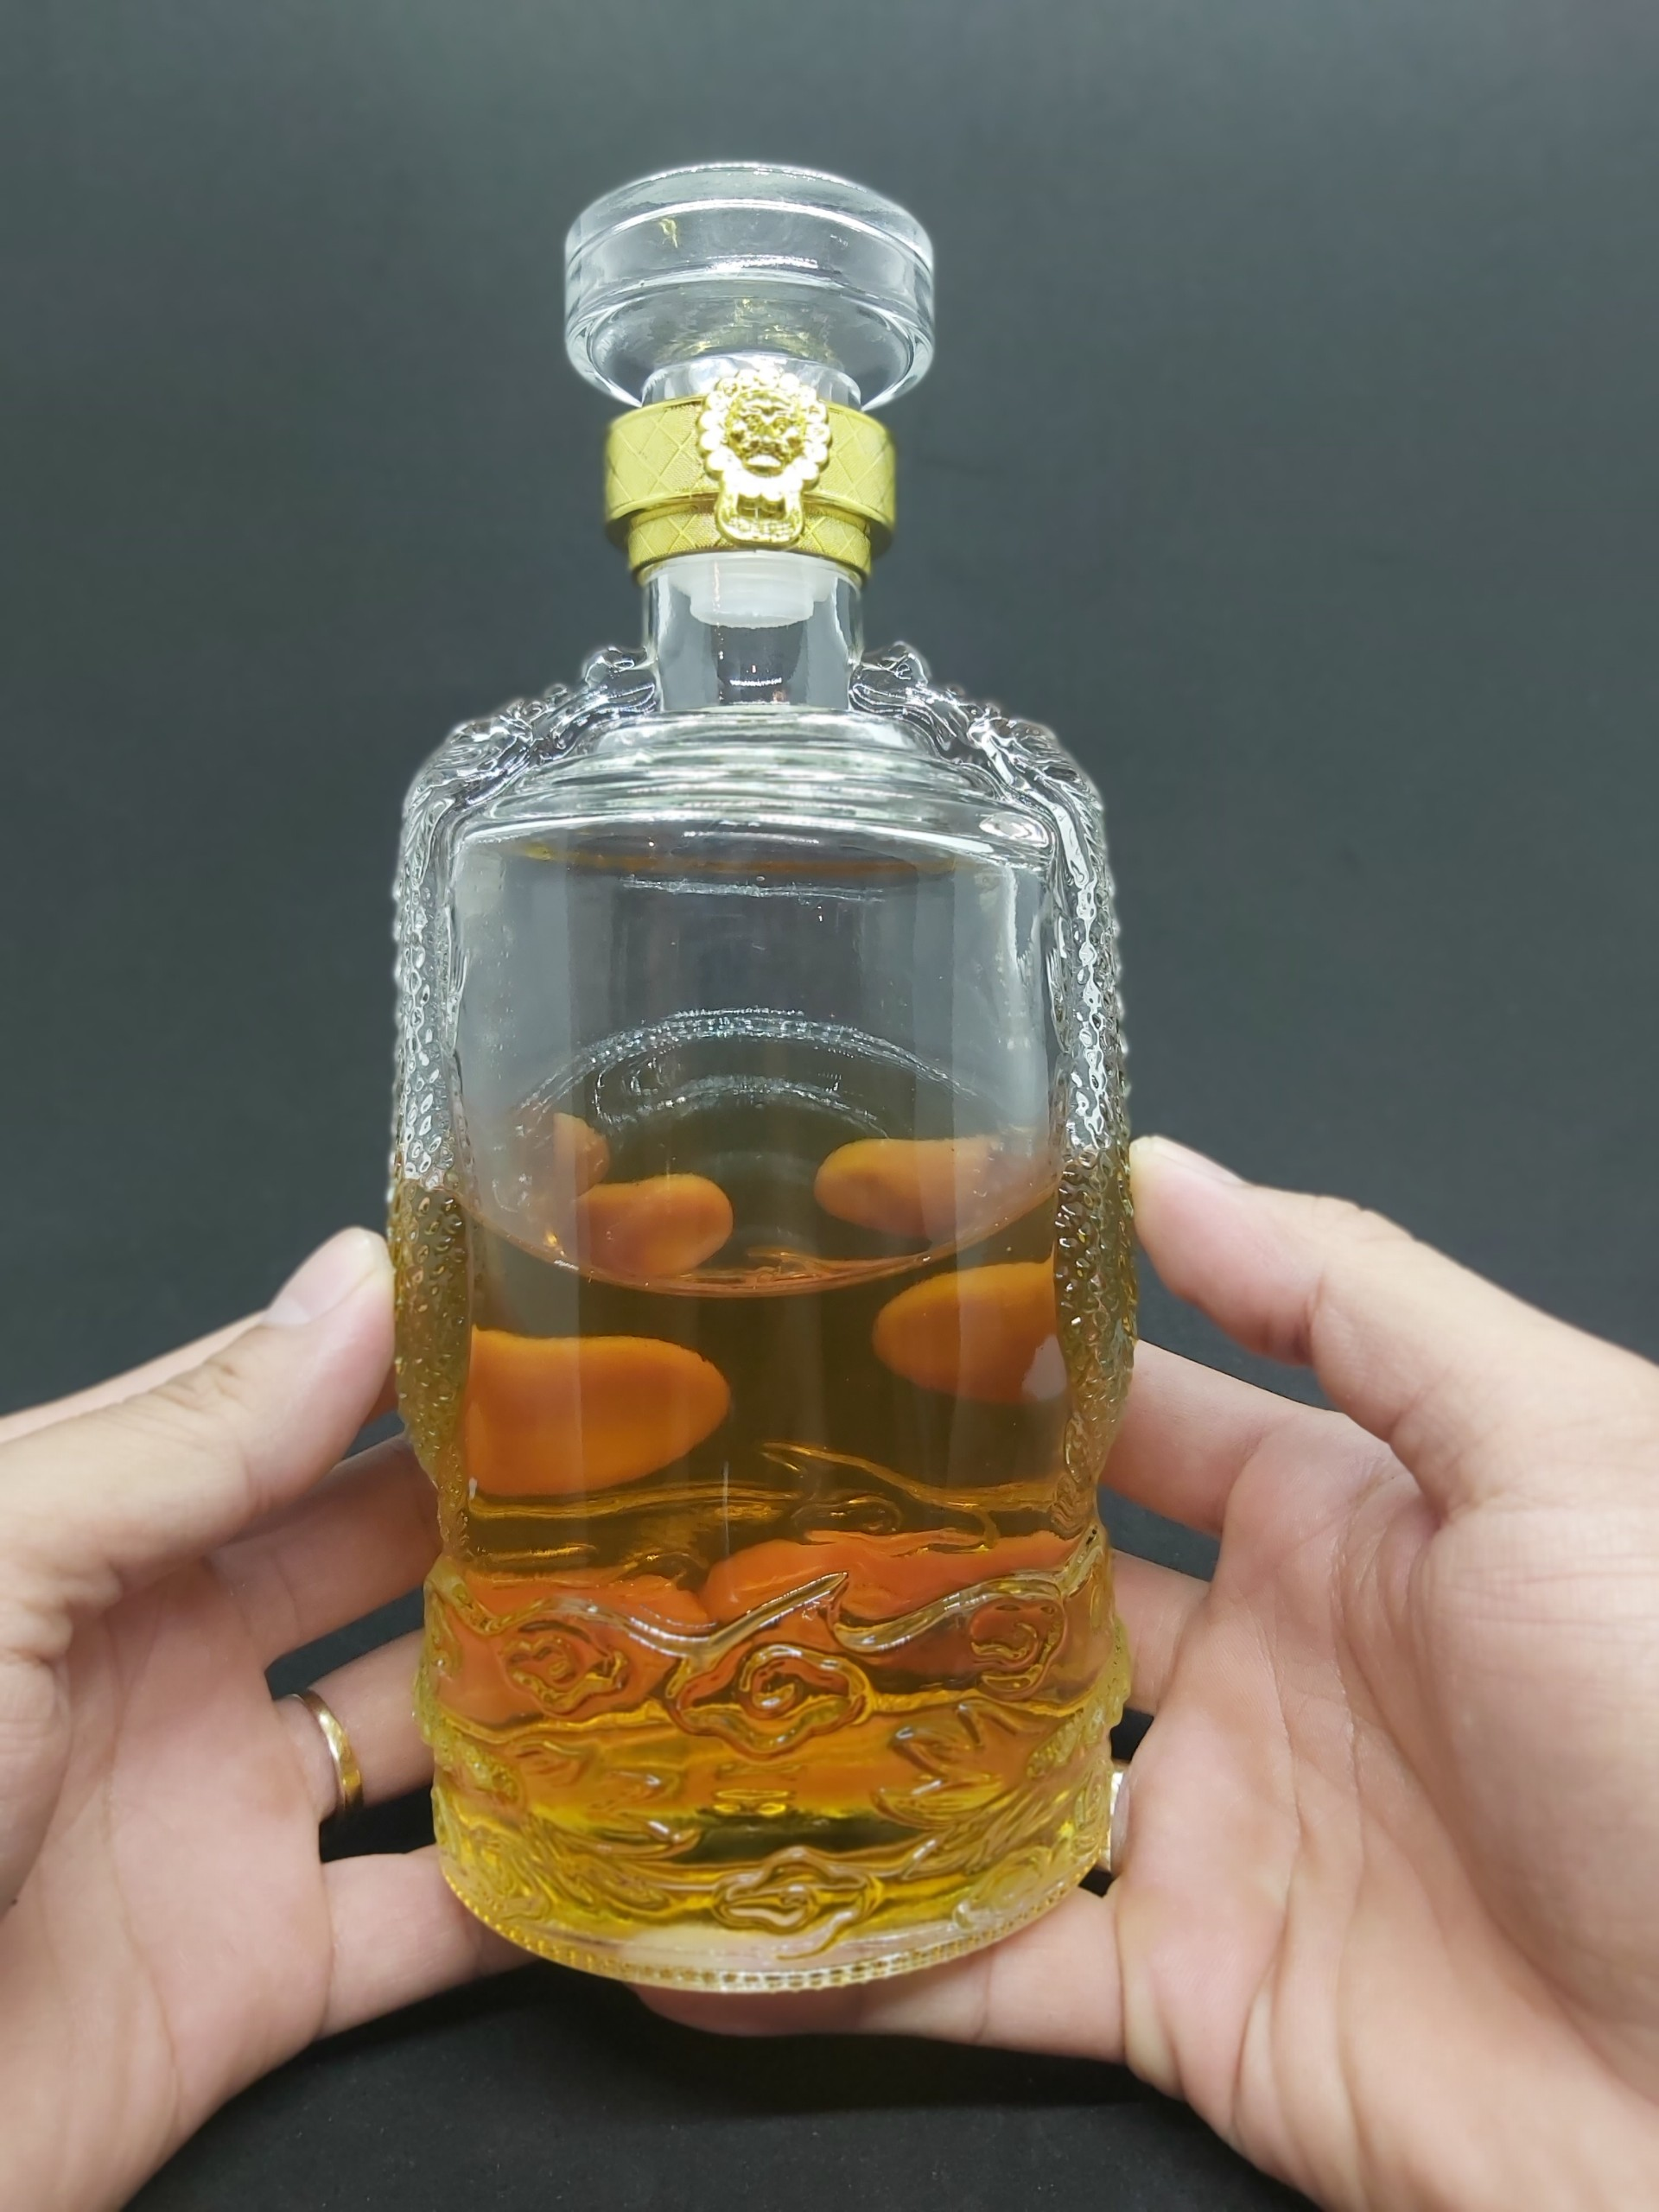 Chai Thủy Tinh đựng Rượu cao cấp hình Rồng Nổi 500ML – Vỏ Chai rượu 500ml, bình thủy tinh trong suốt